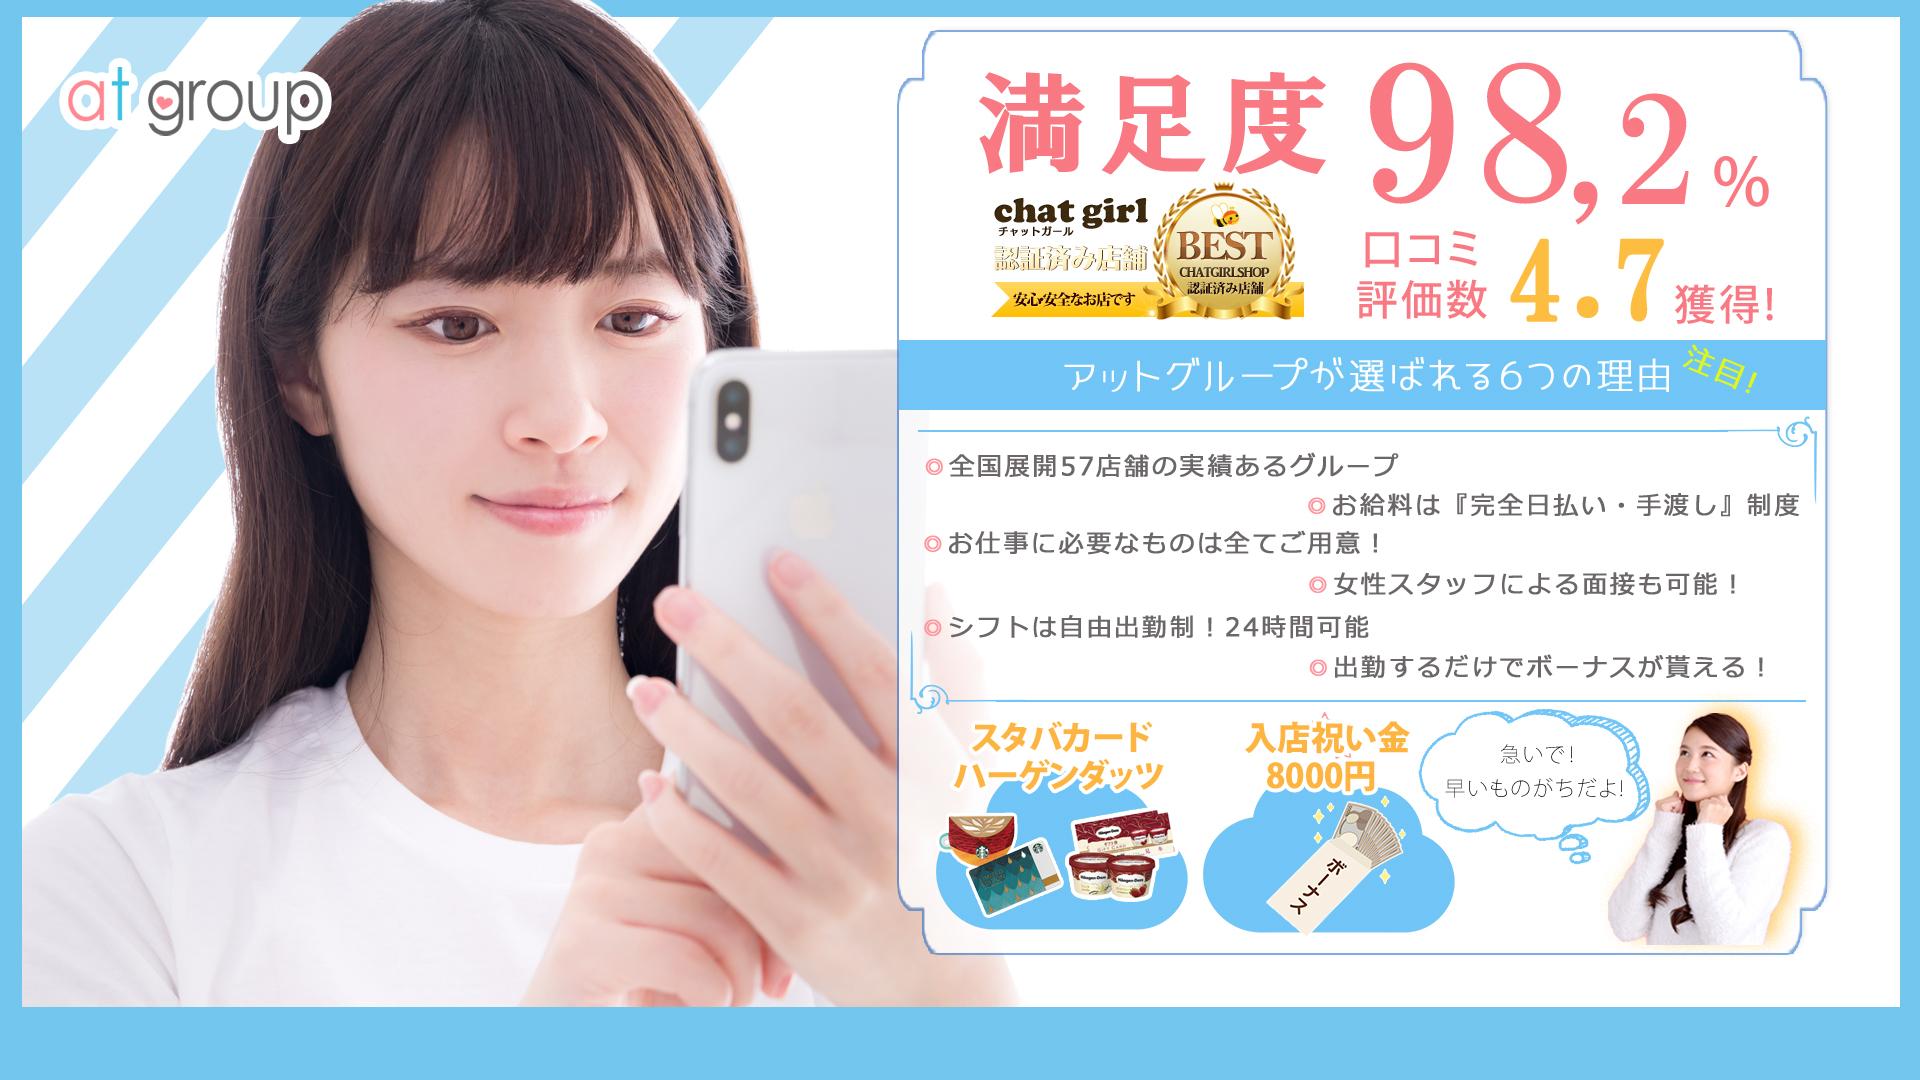 アットグループ 横浜店の求人画像